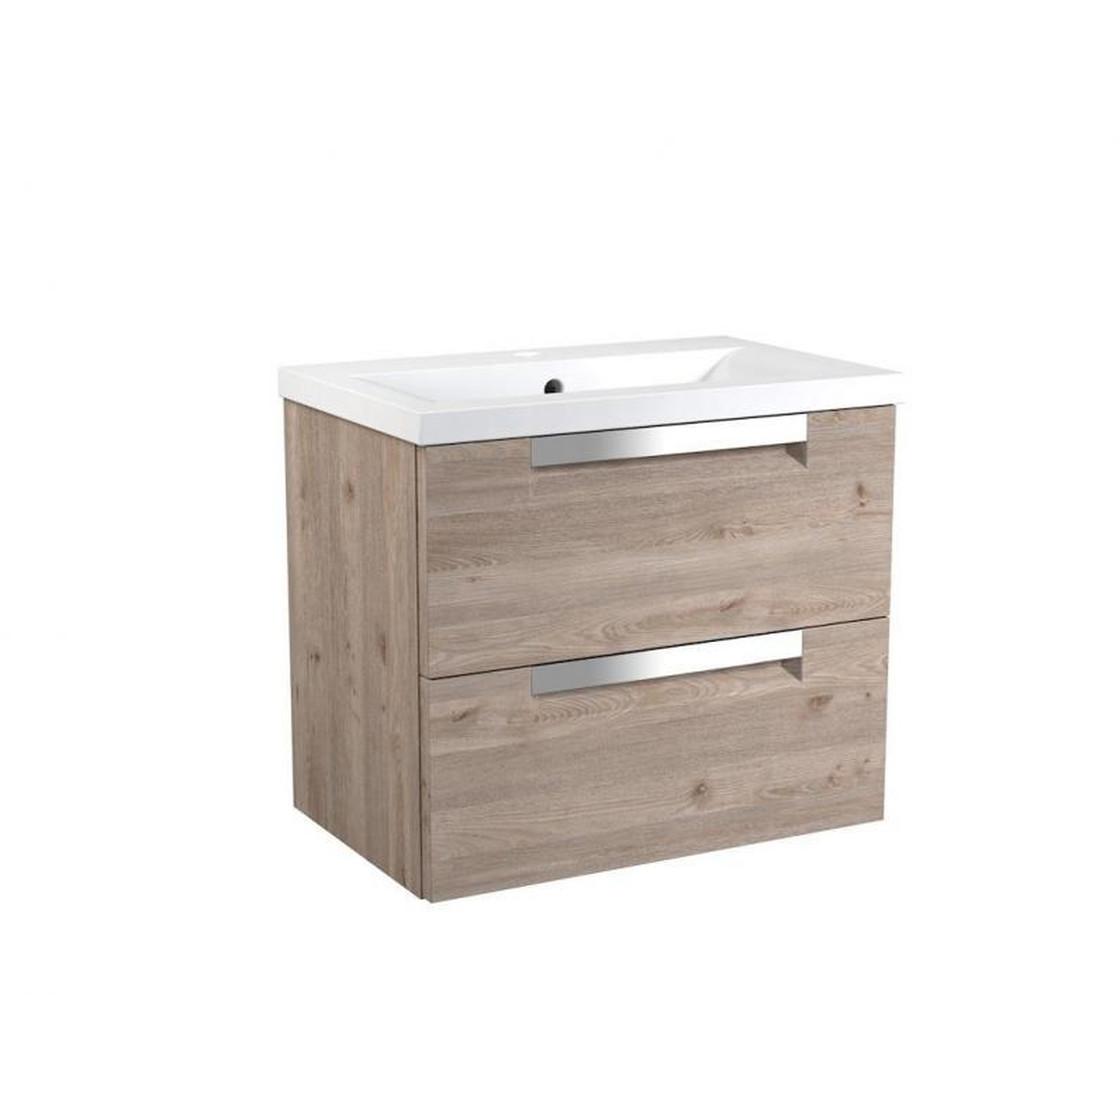 vidamar milano waschtischunterschrank mit 2 schubladen. Black Bedroom Furniture Sets. Home Design Ideas